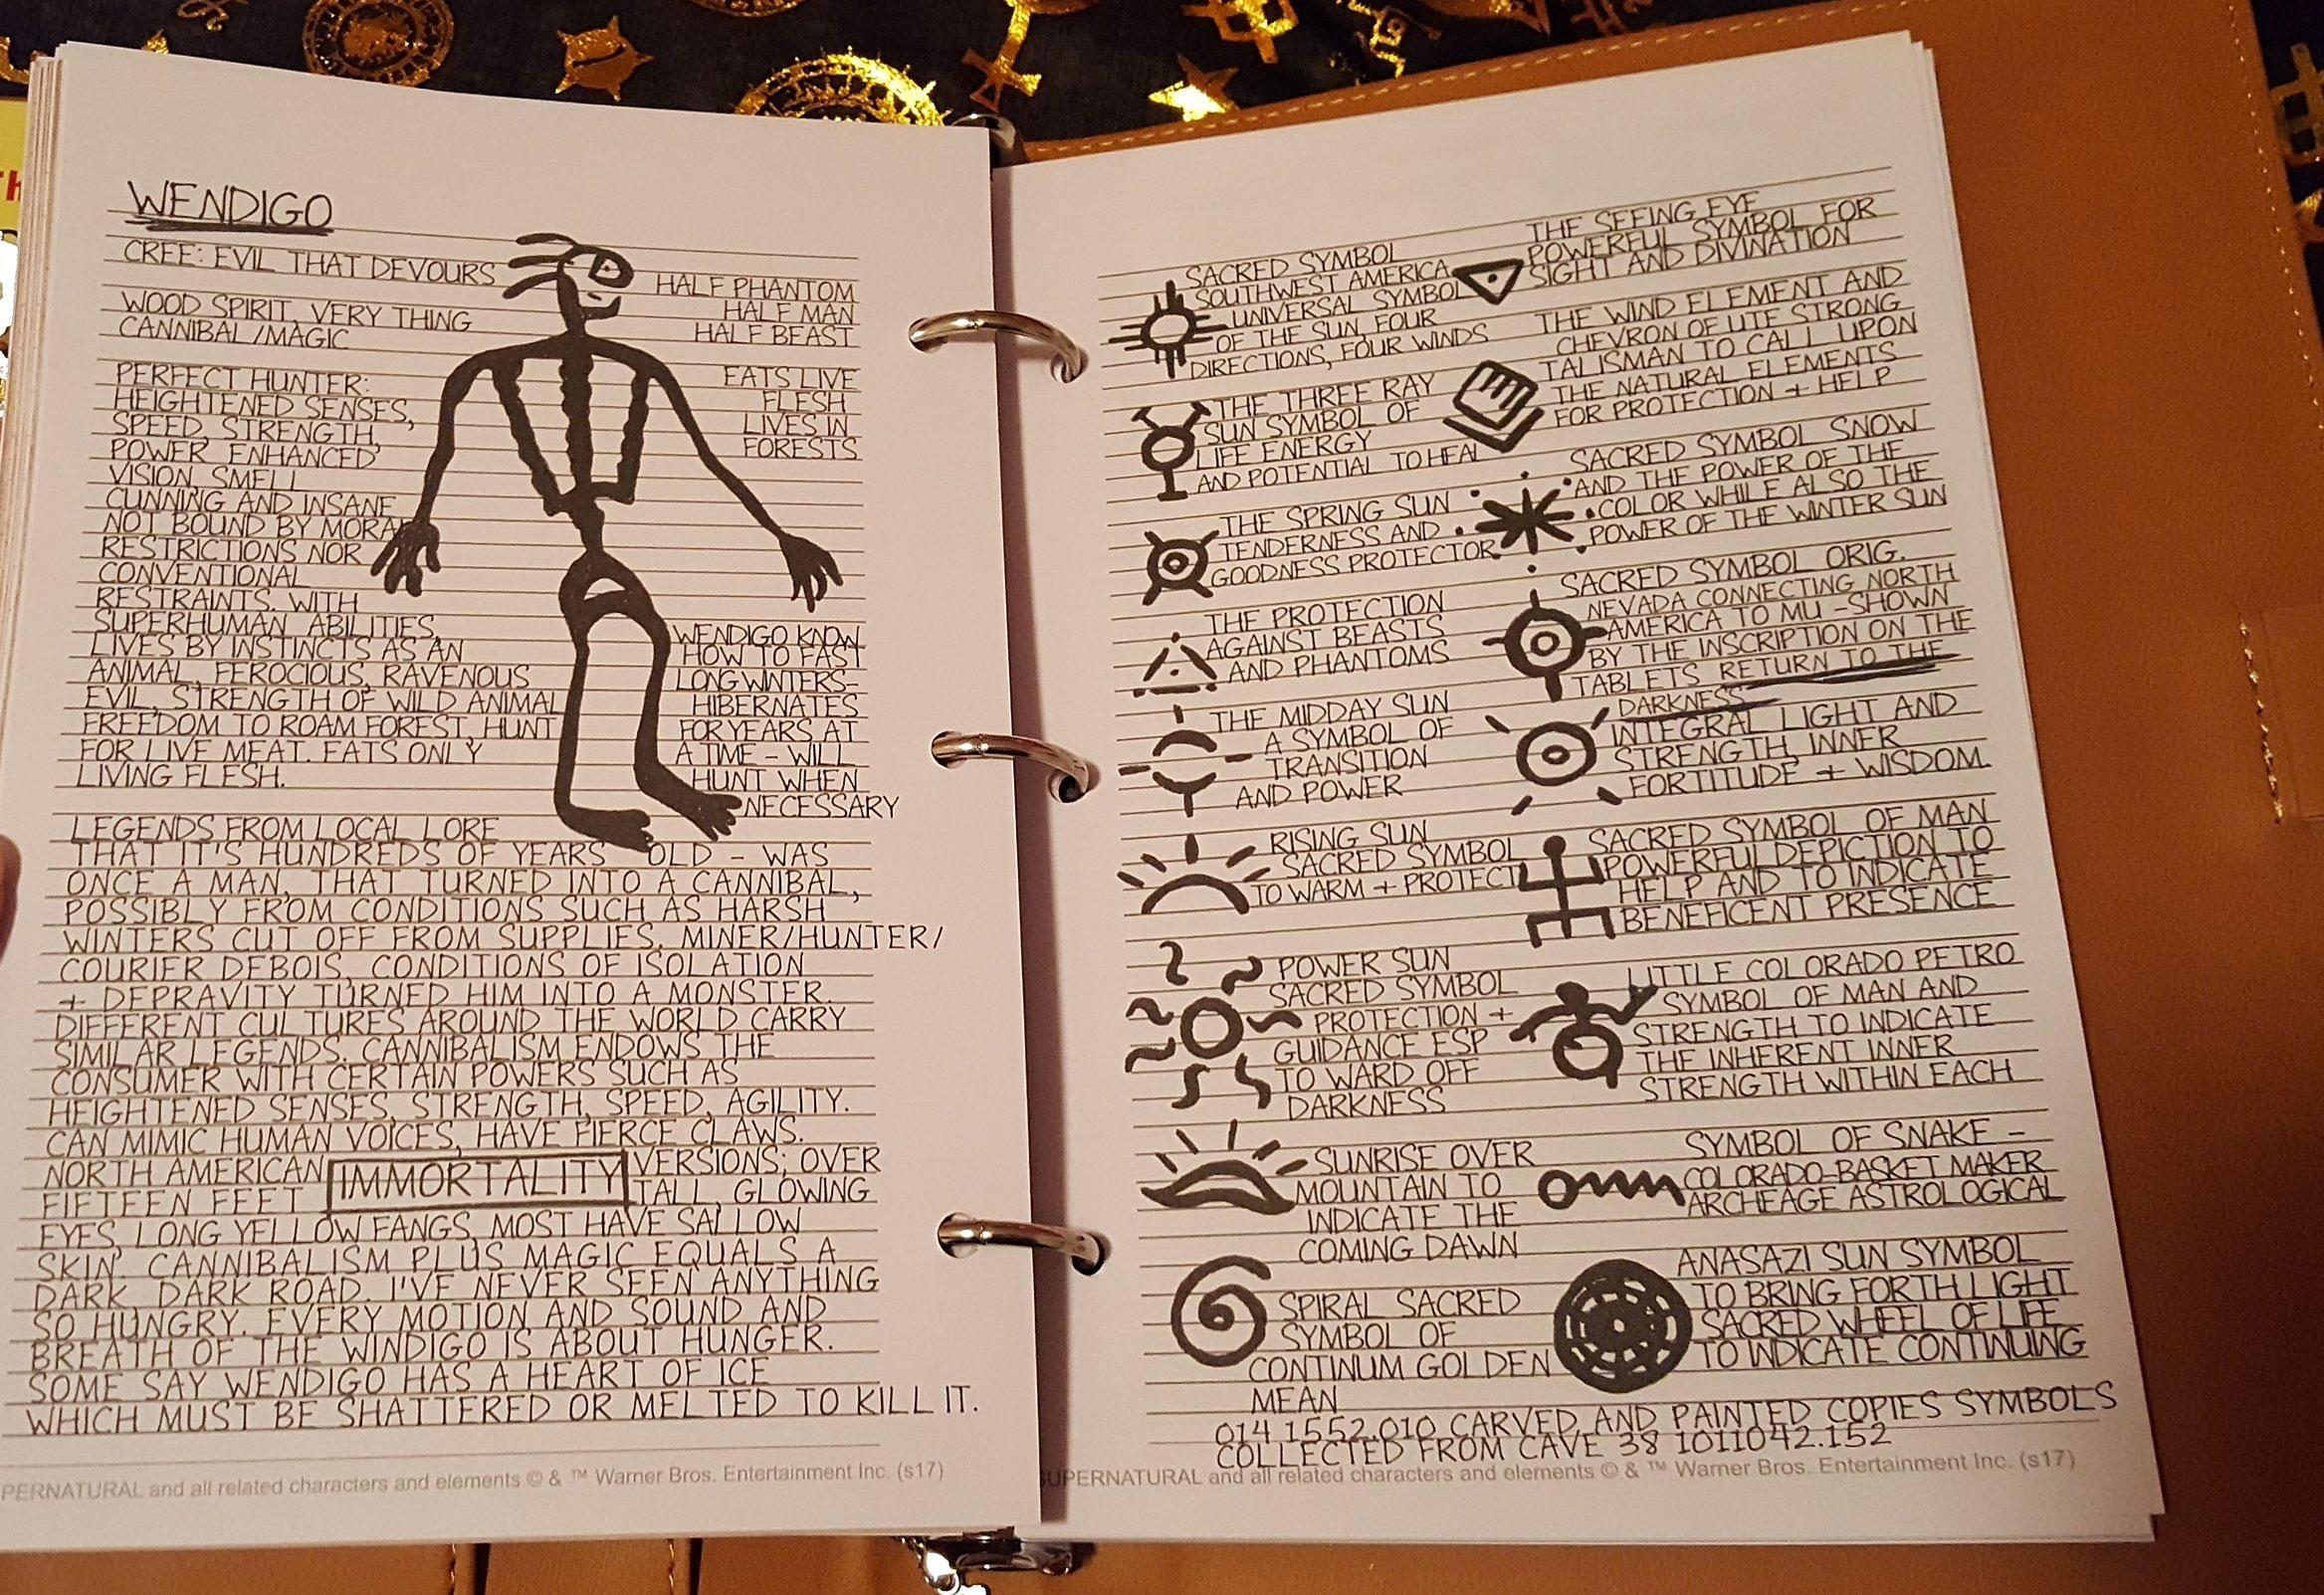 John Winchester's journal entries, Wendigo